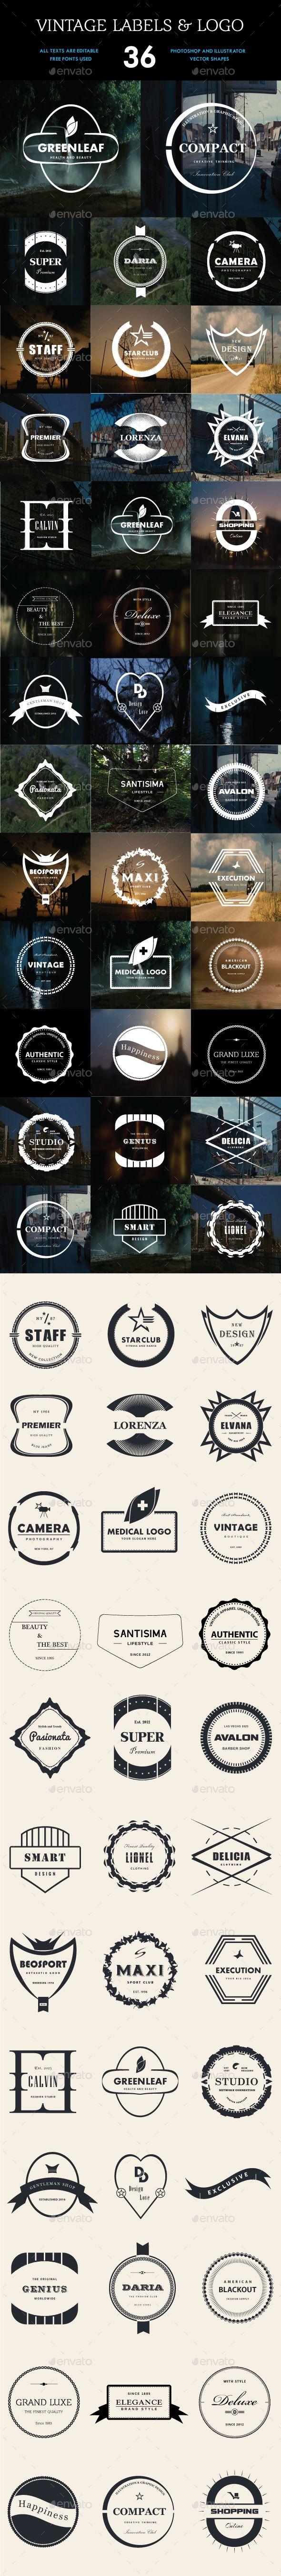 36 Vintage Labels & Logo Badges Templates  PSD, Vector EPS, AI Illustrator. Download here: https://graphicriver.net/item/36-vintage-labels-logo-badges-bundle/16821420?ref=ksioks